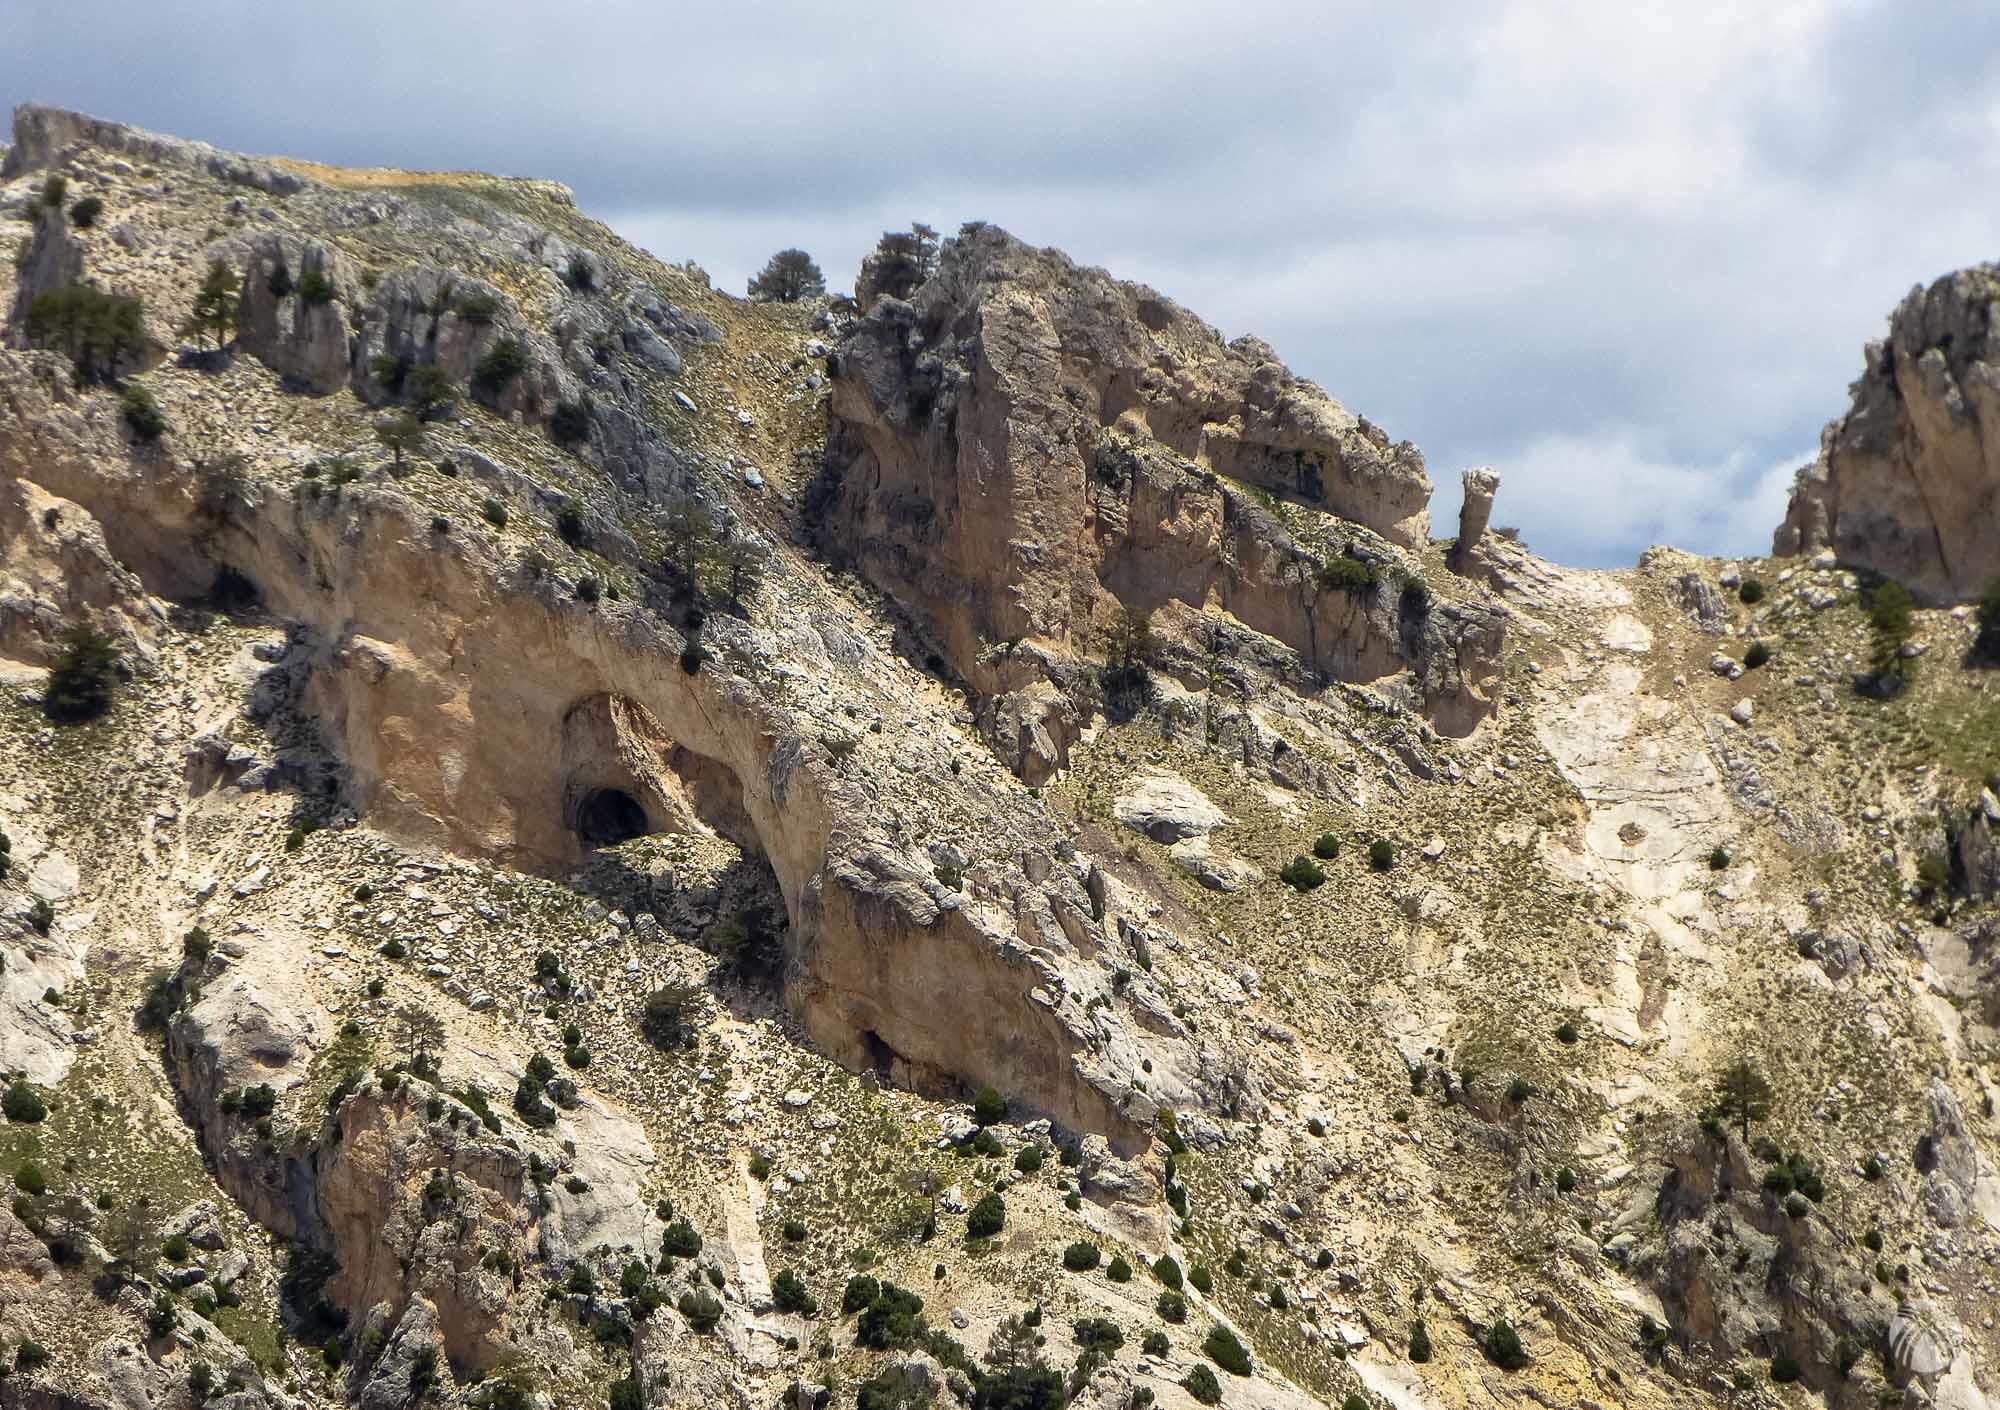 Espectacular arco de roca